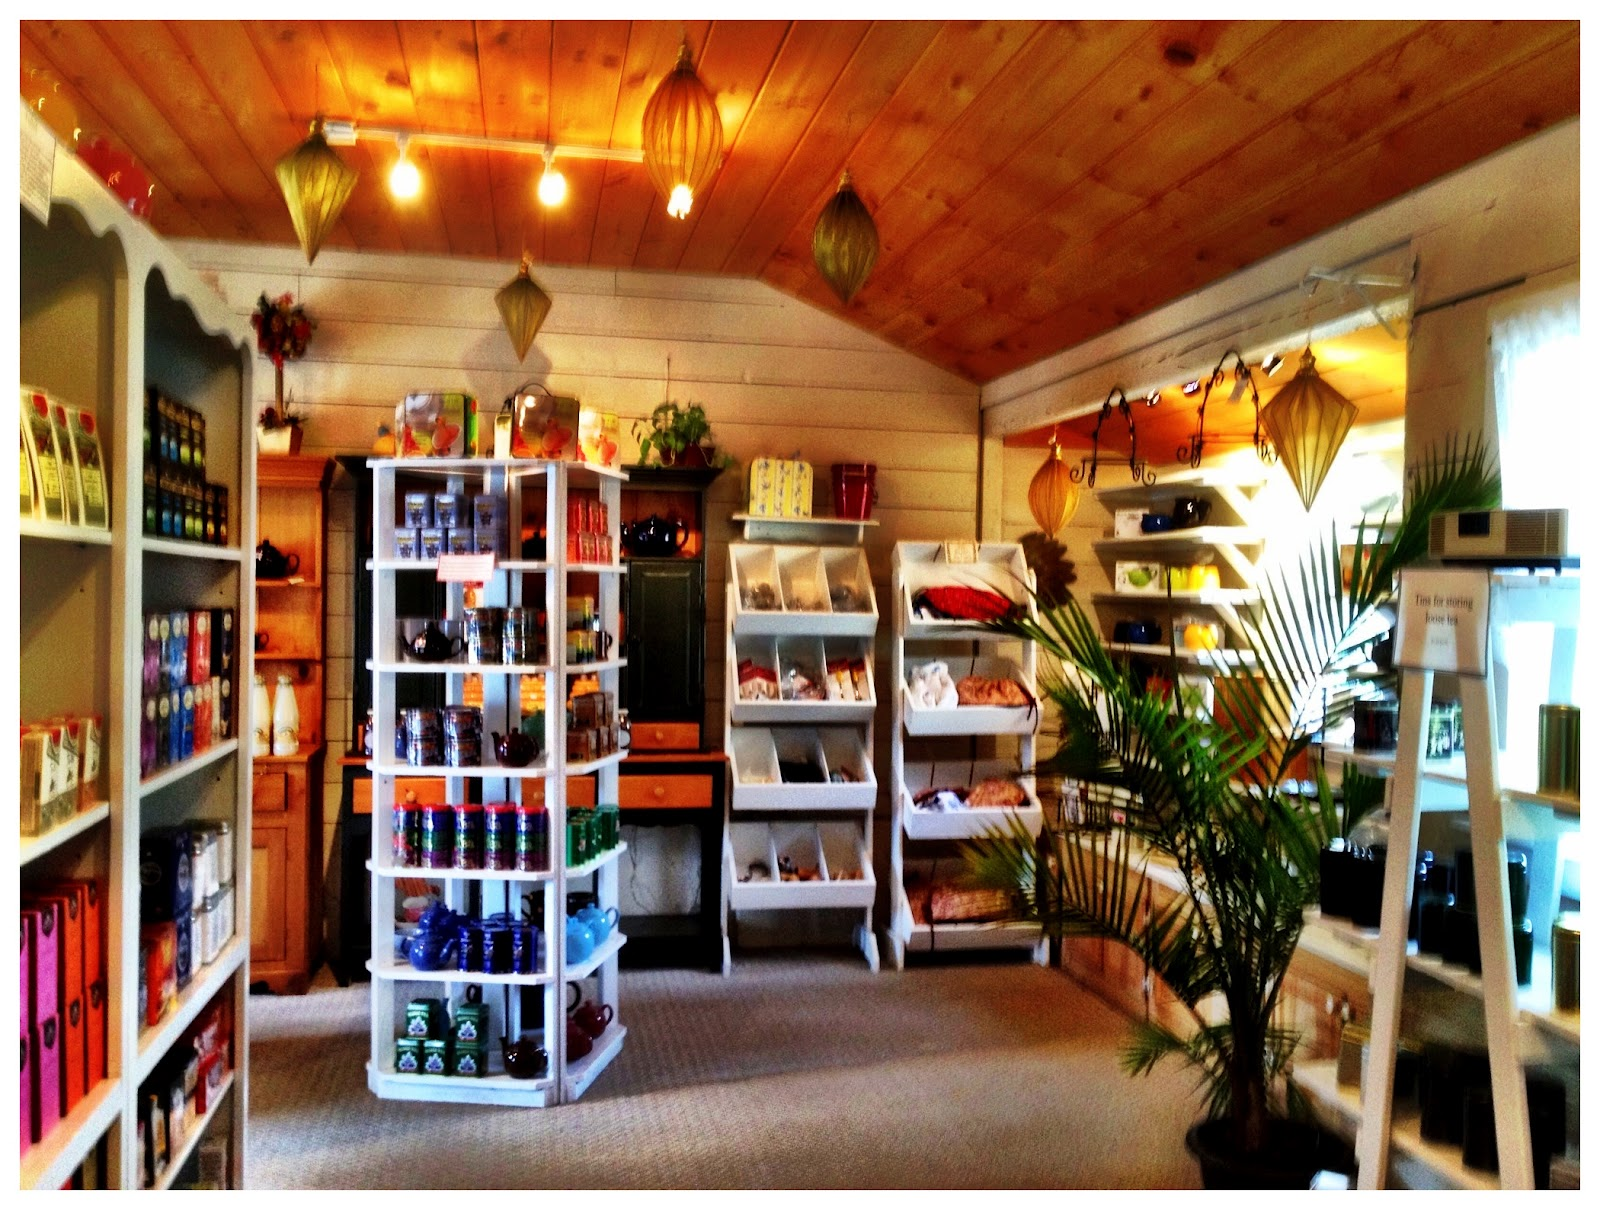 Dunbar Tea Room Sandwich Ma Cape Cod Elizabeth Thomas